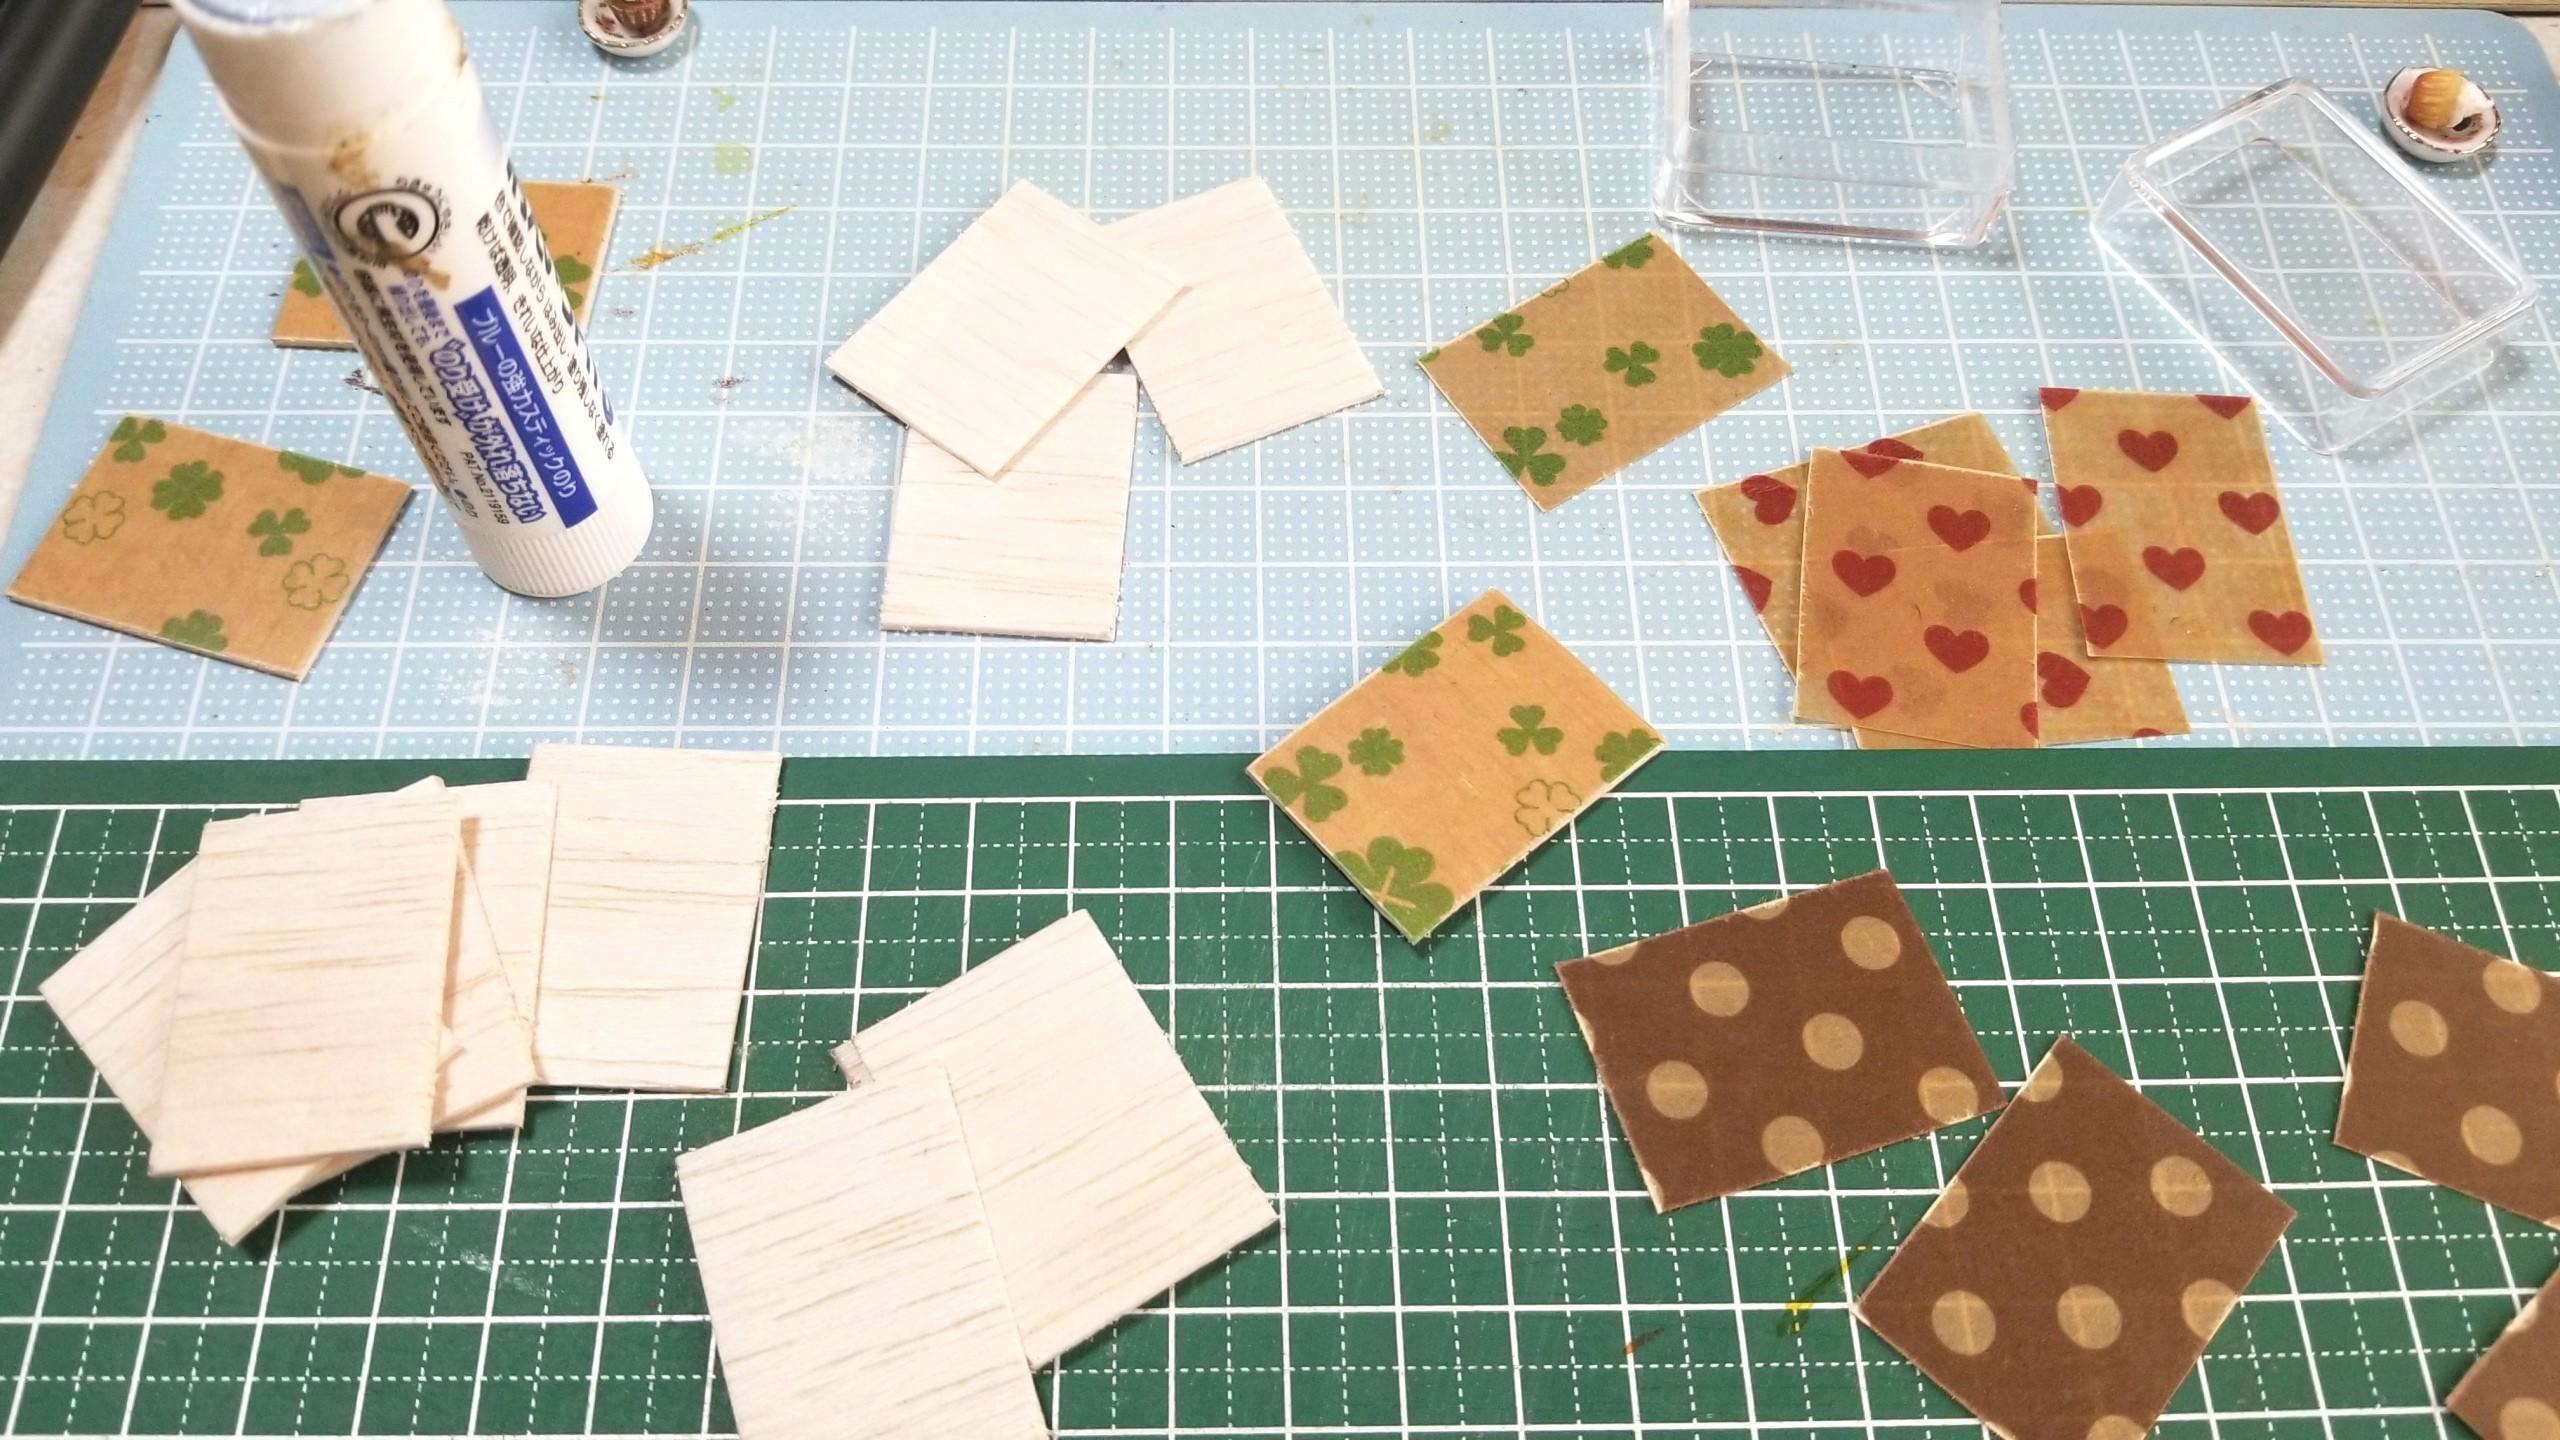 カップケーキ,ミニチュア,土台,台紙,作り方,樹脂粘土,製作風景,食玩